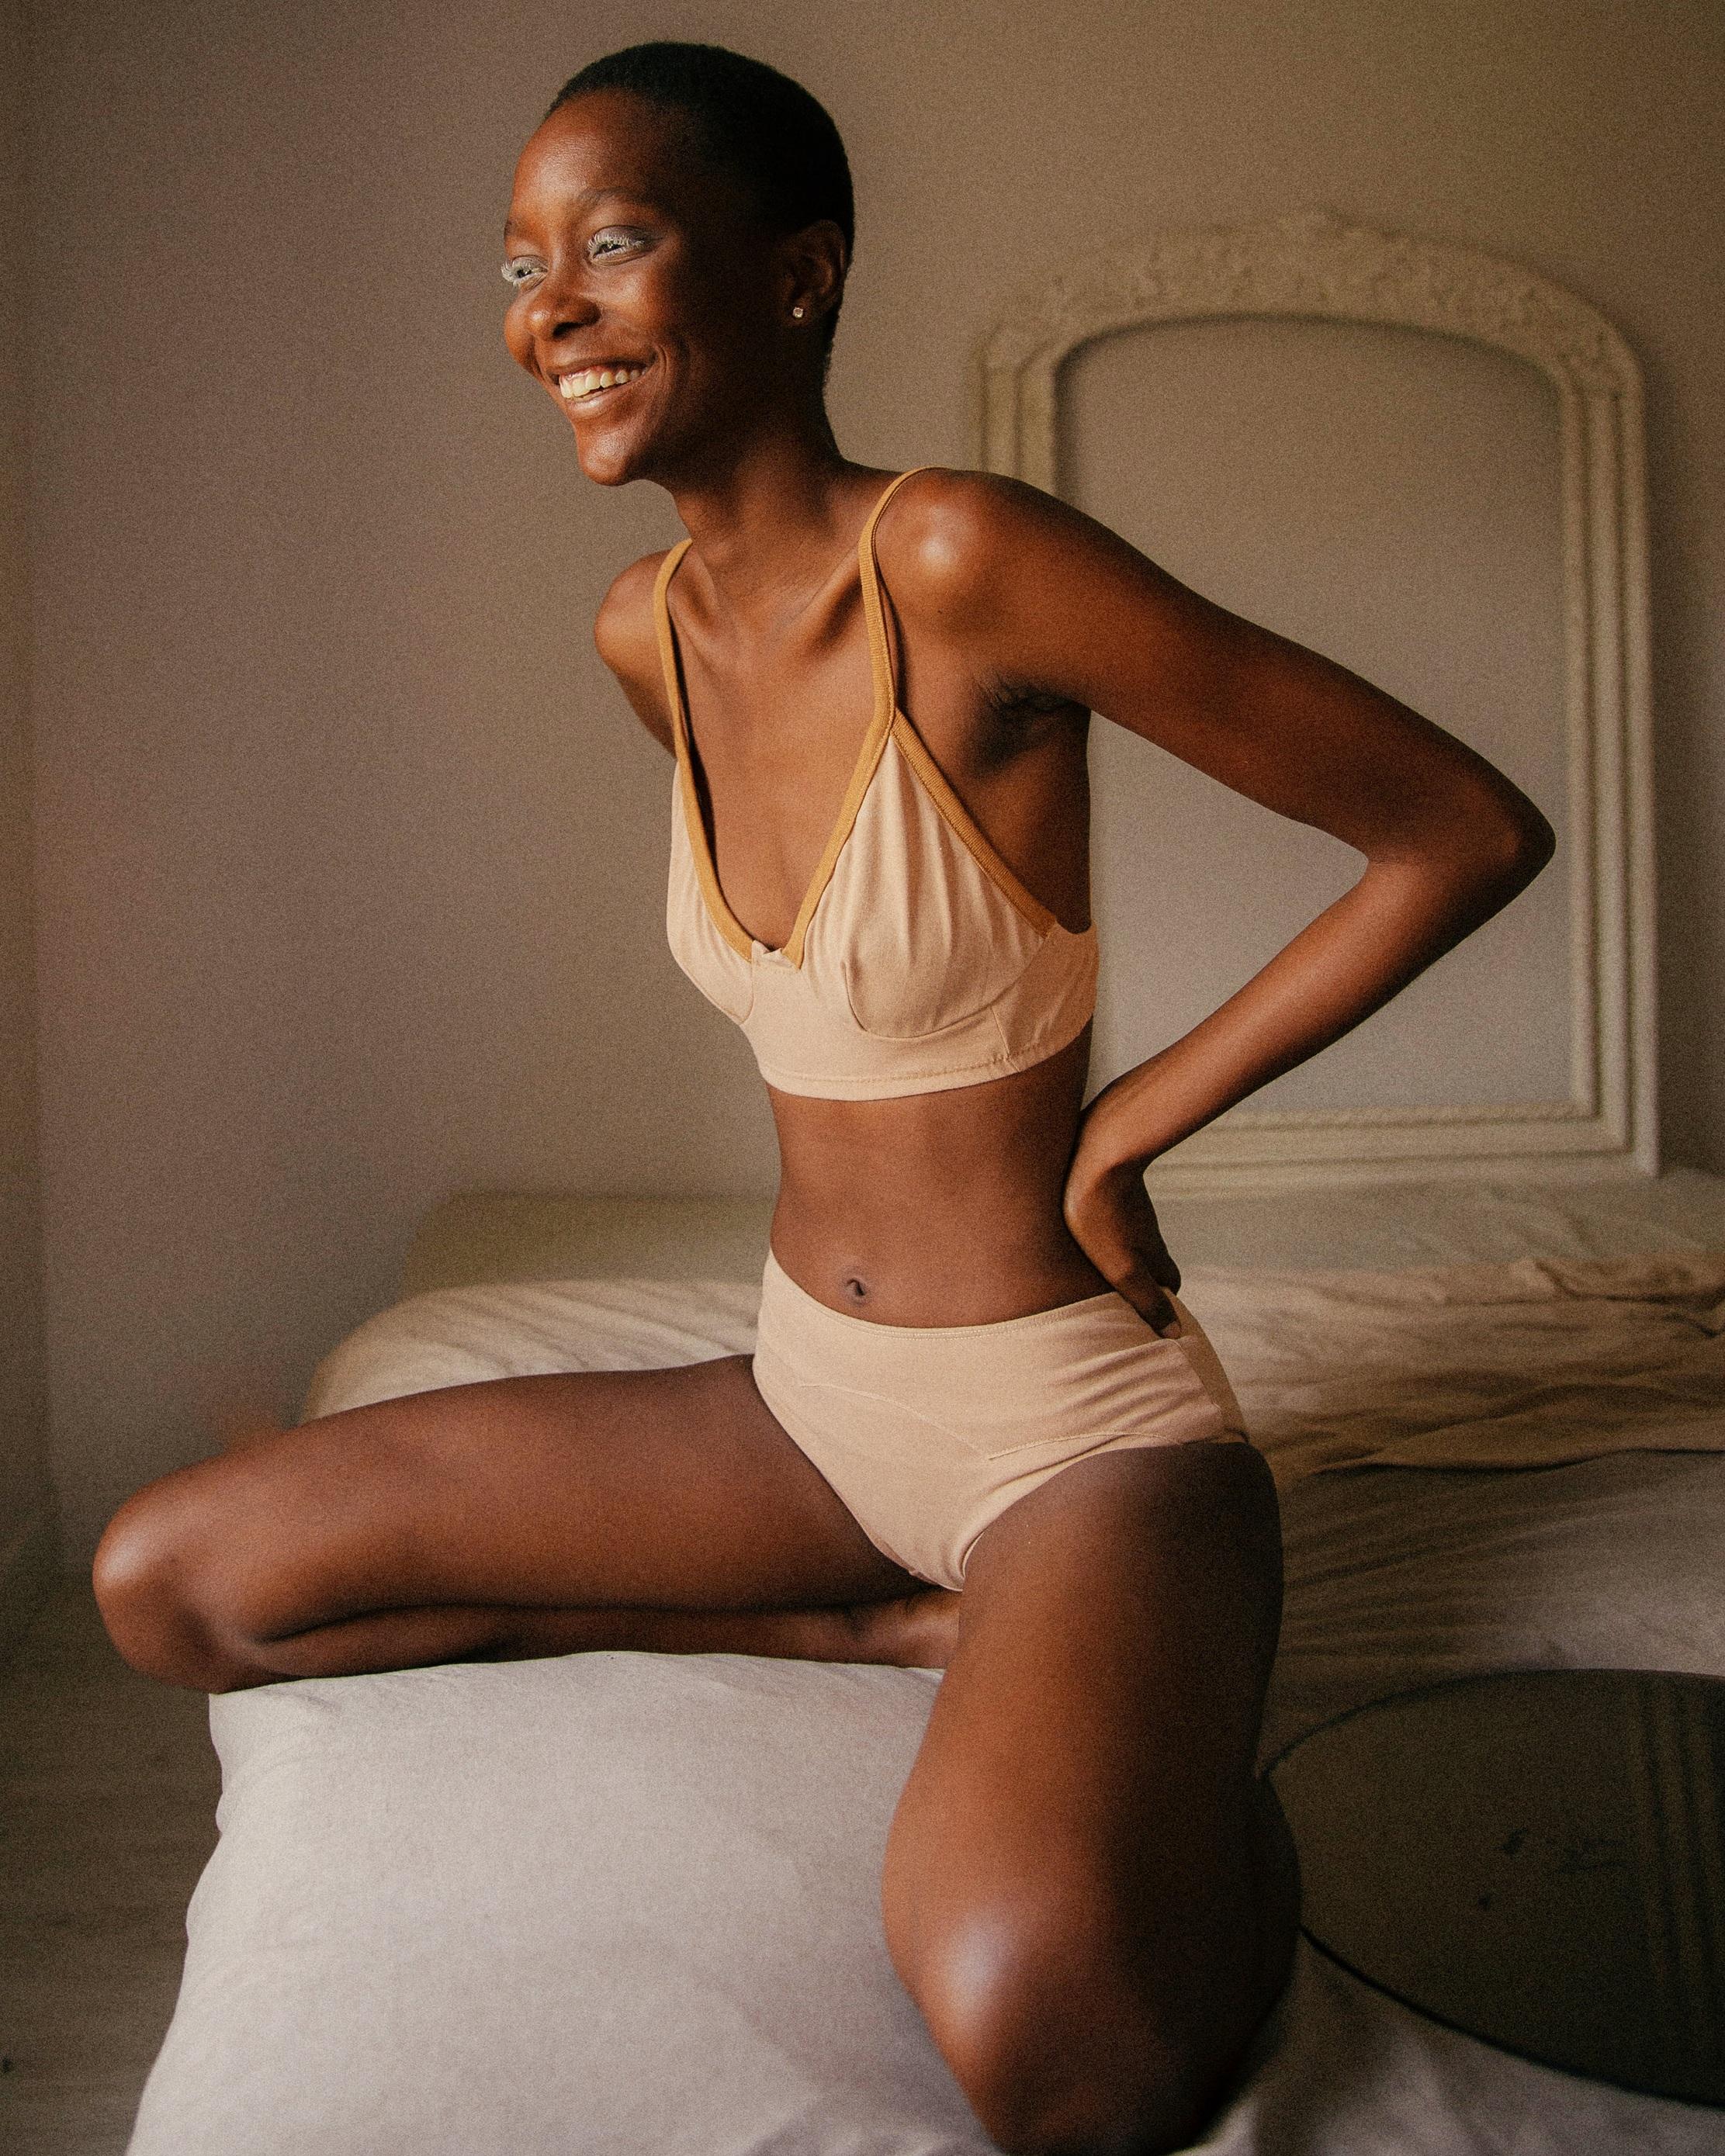 Panapaná - Des sous-vêtements et accessoires, conçus à partir et dans le respect de ce qu'offre la nature. →